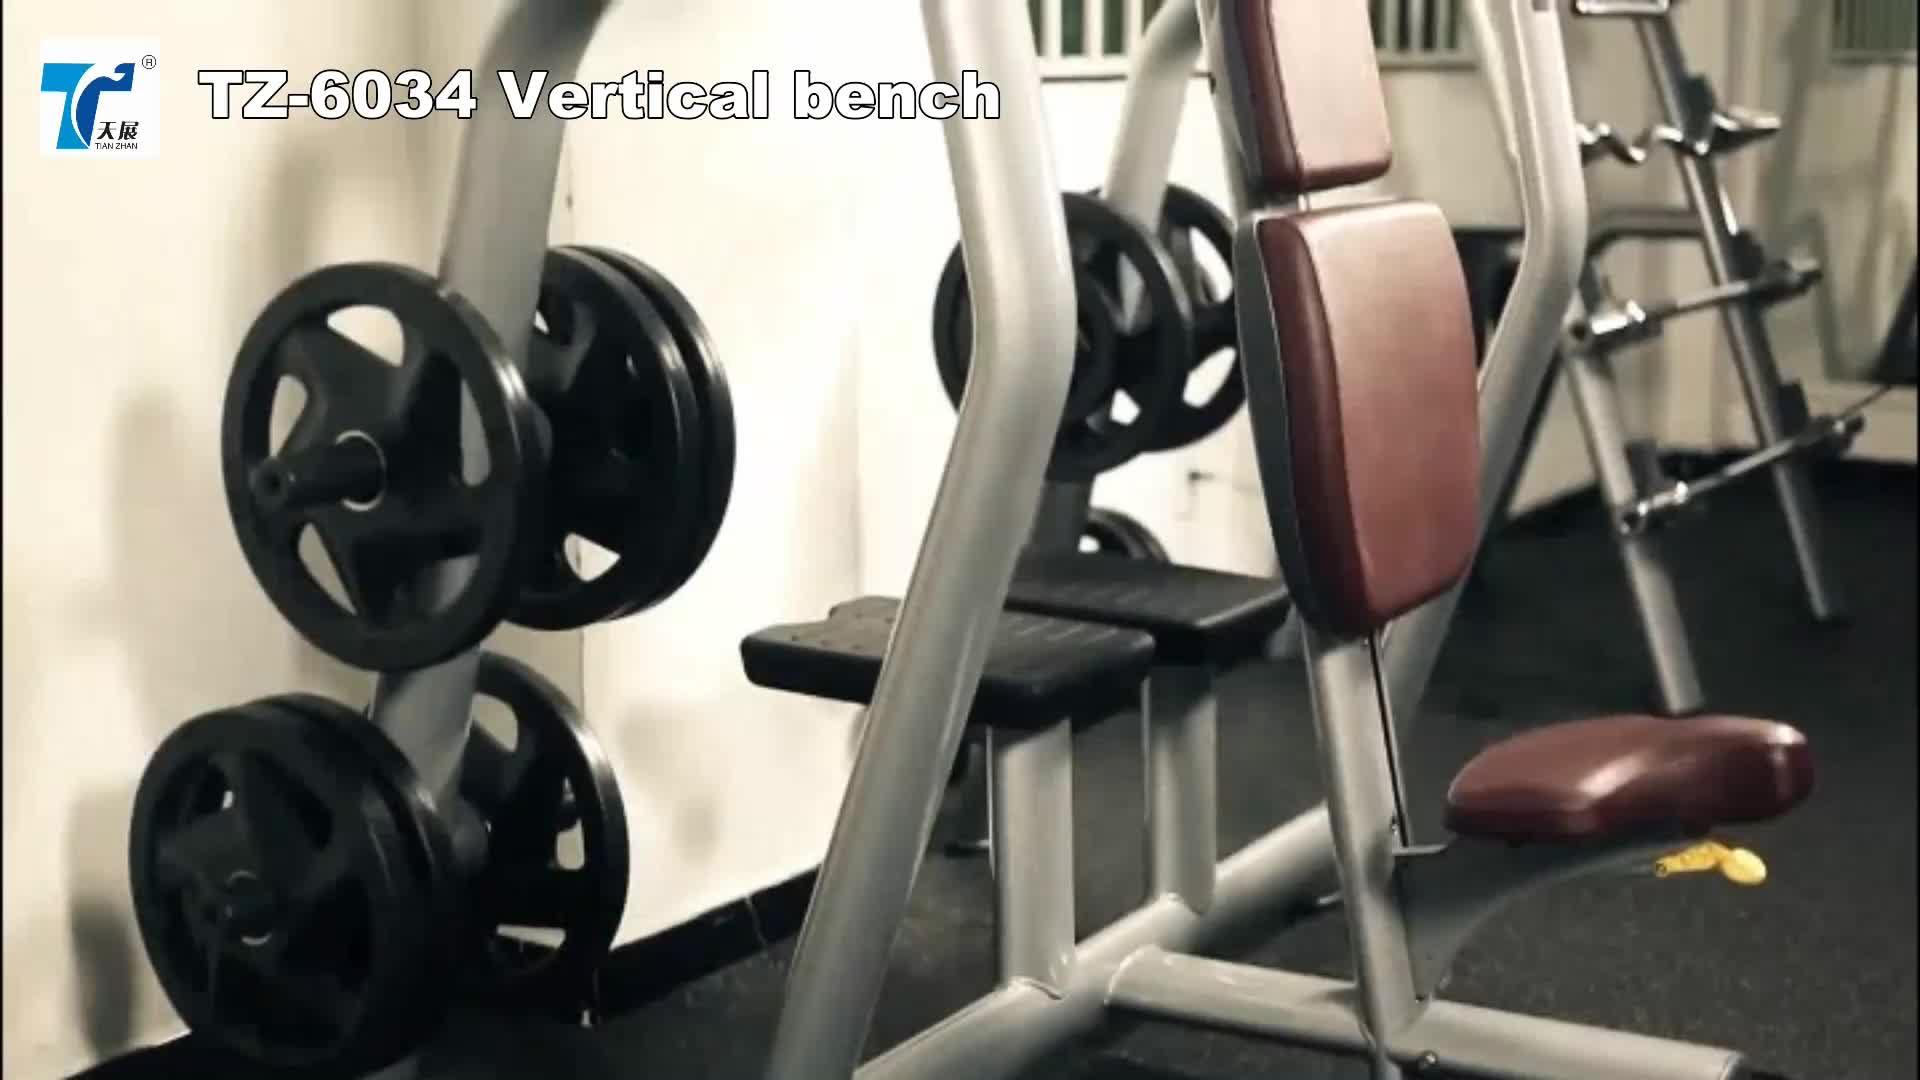 TZ-6024/gratis gewicht gym training apparatuur/halter verstelbare bench